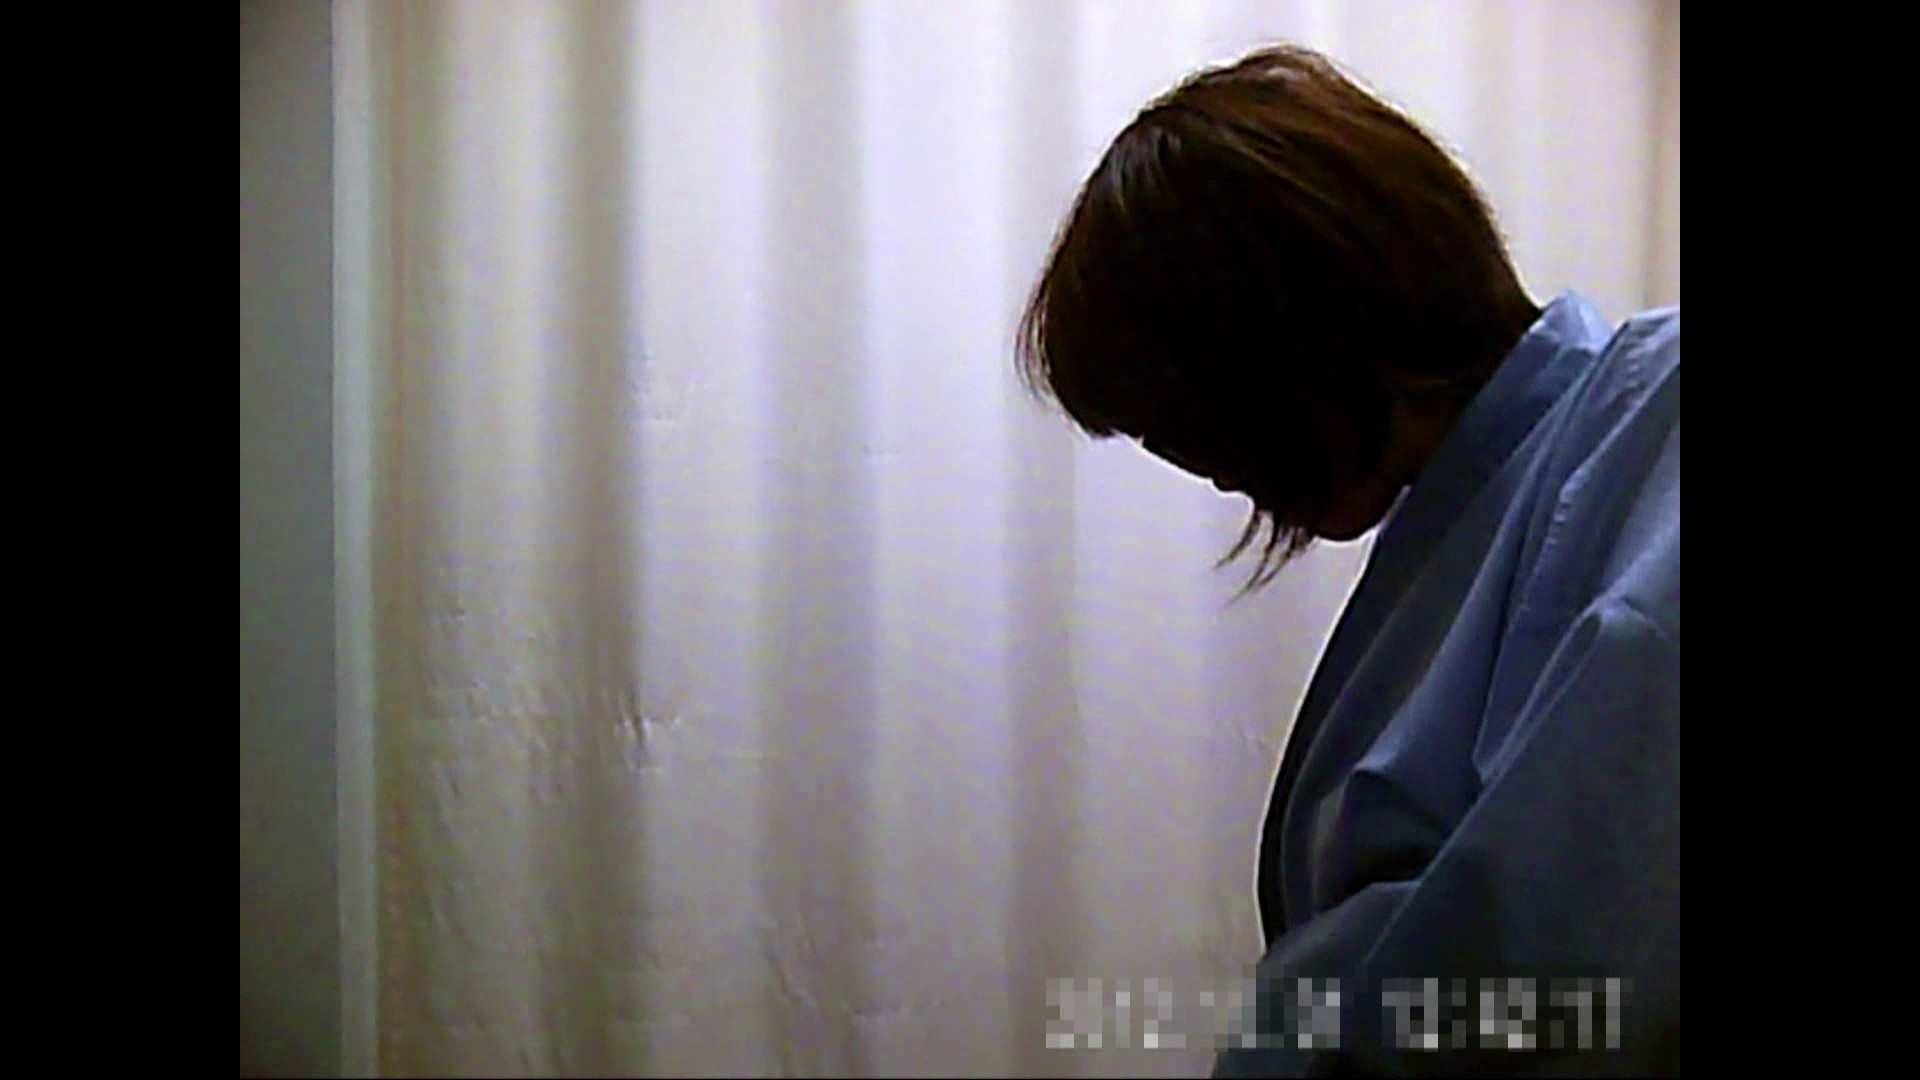 病院おもいっきり着替え! vol.226 OLエロ画像 覗きオメコ動画キャプチャ 103PICs 16